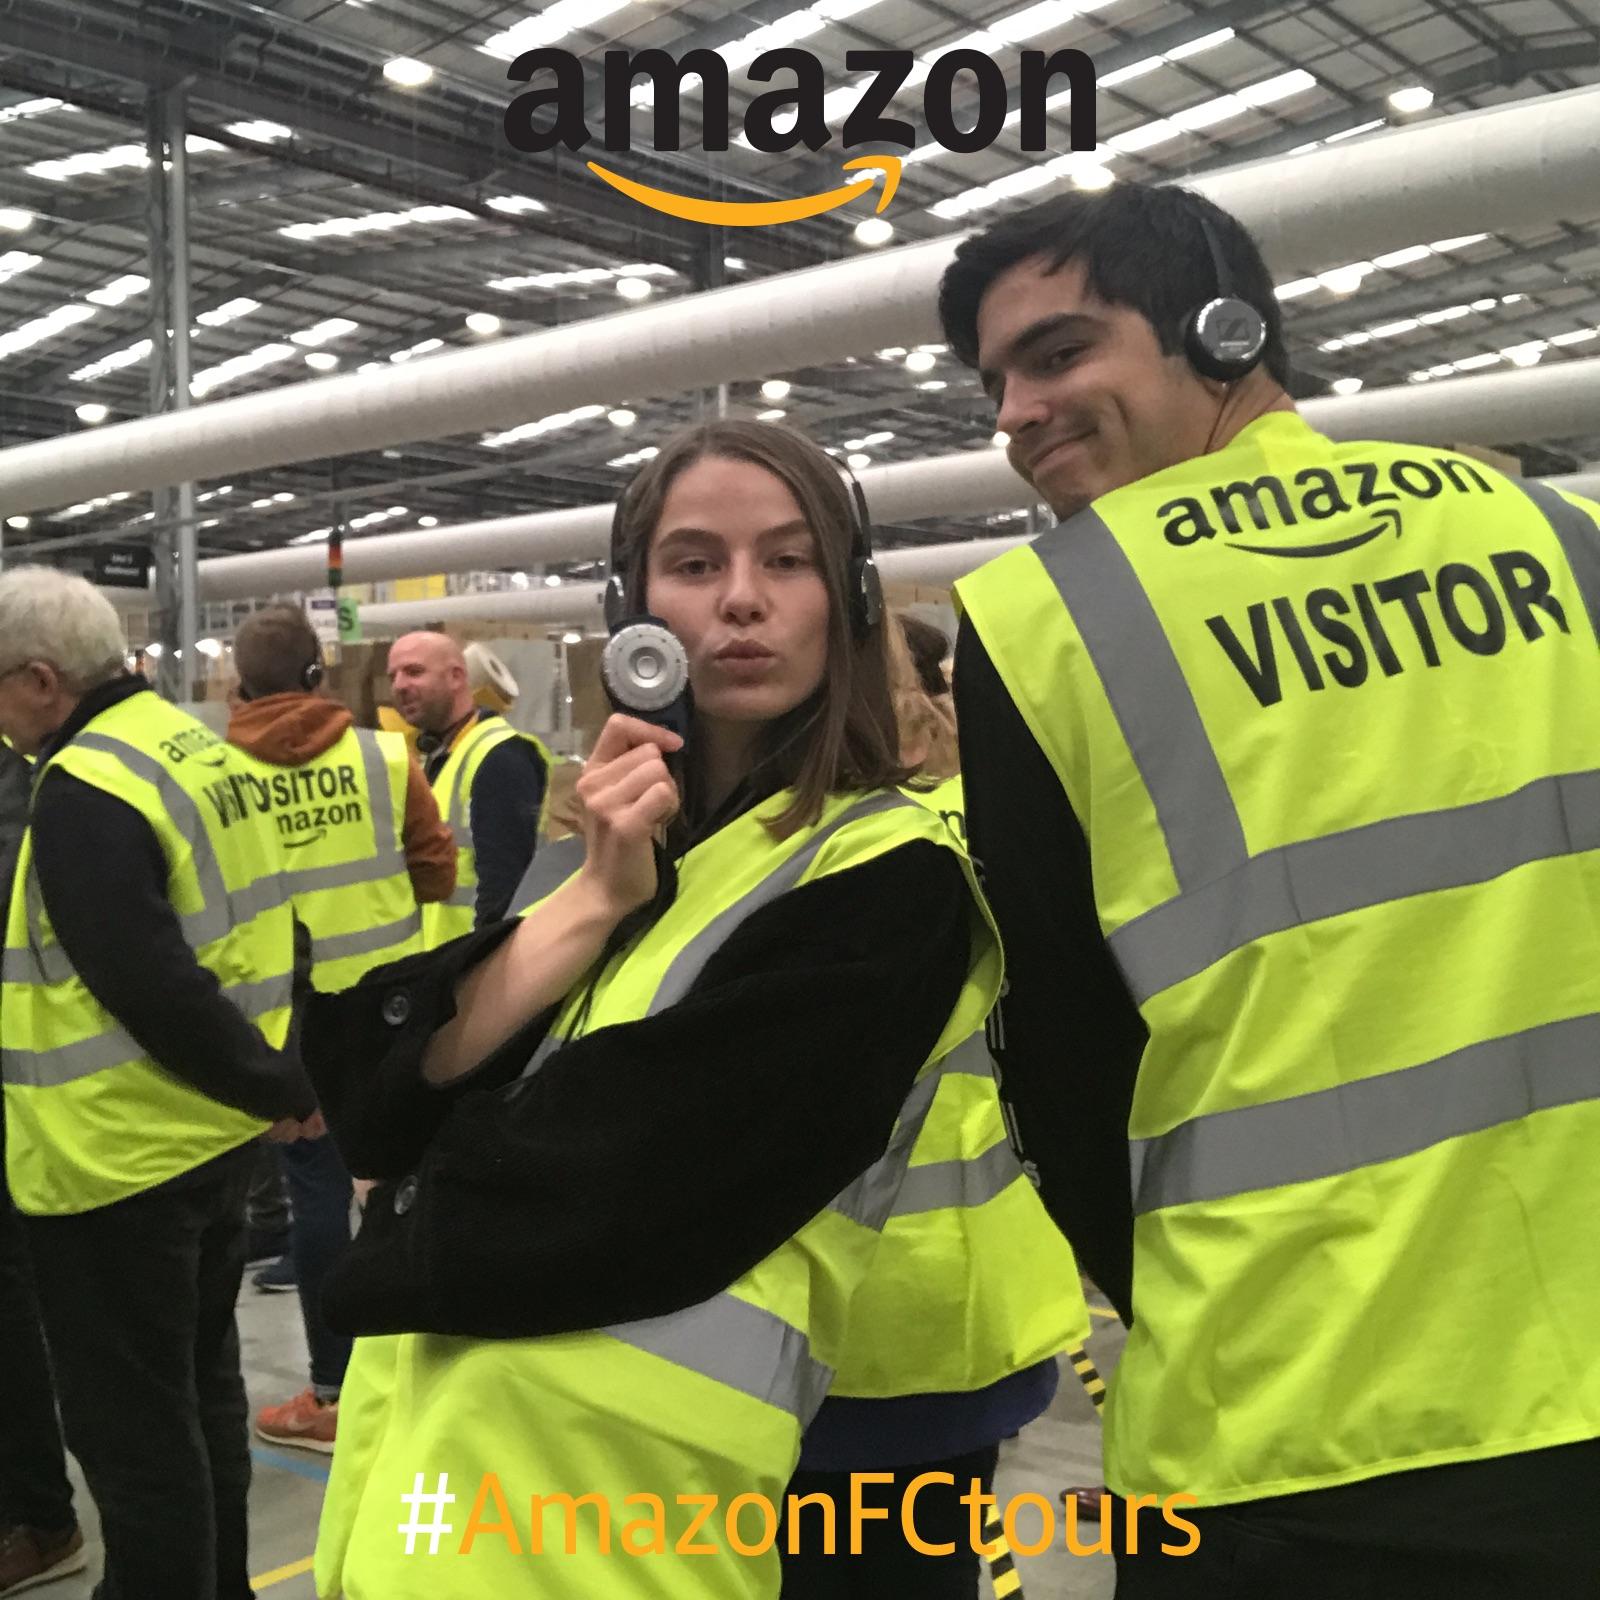 amazon warehouse tour